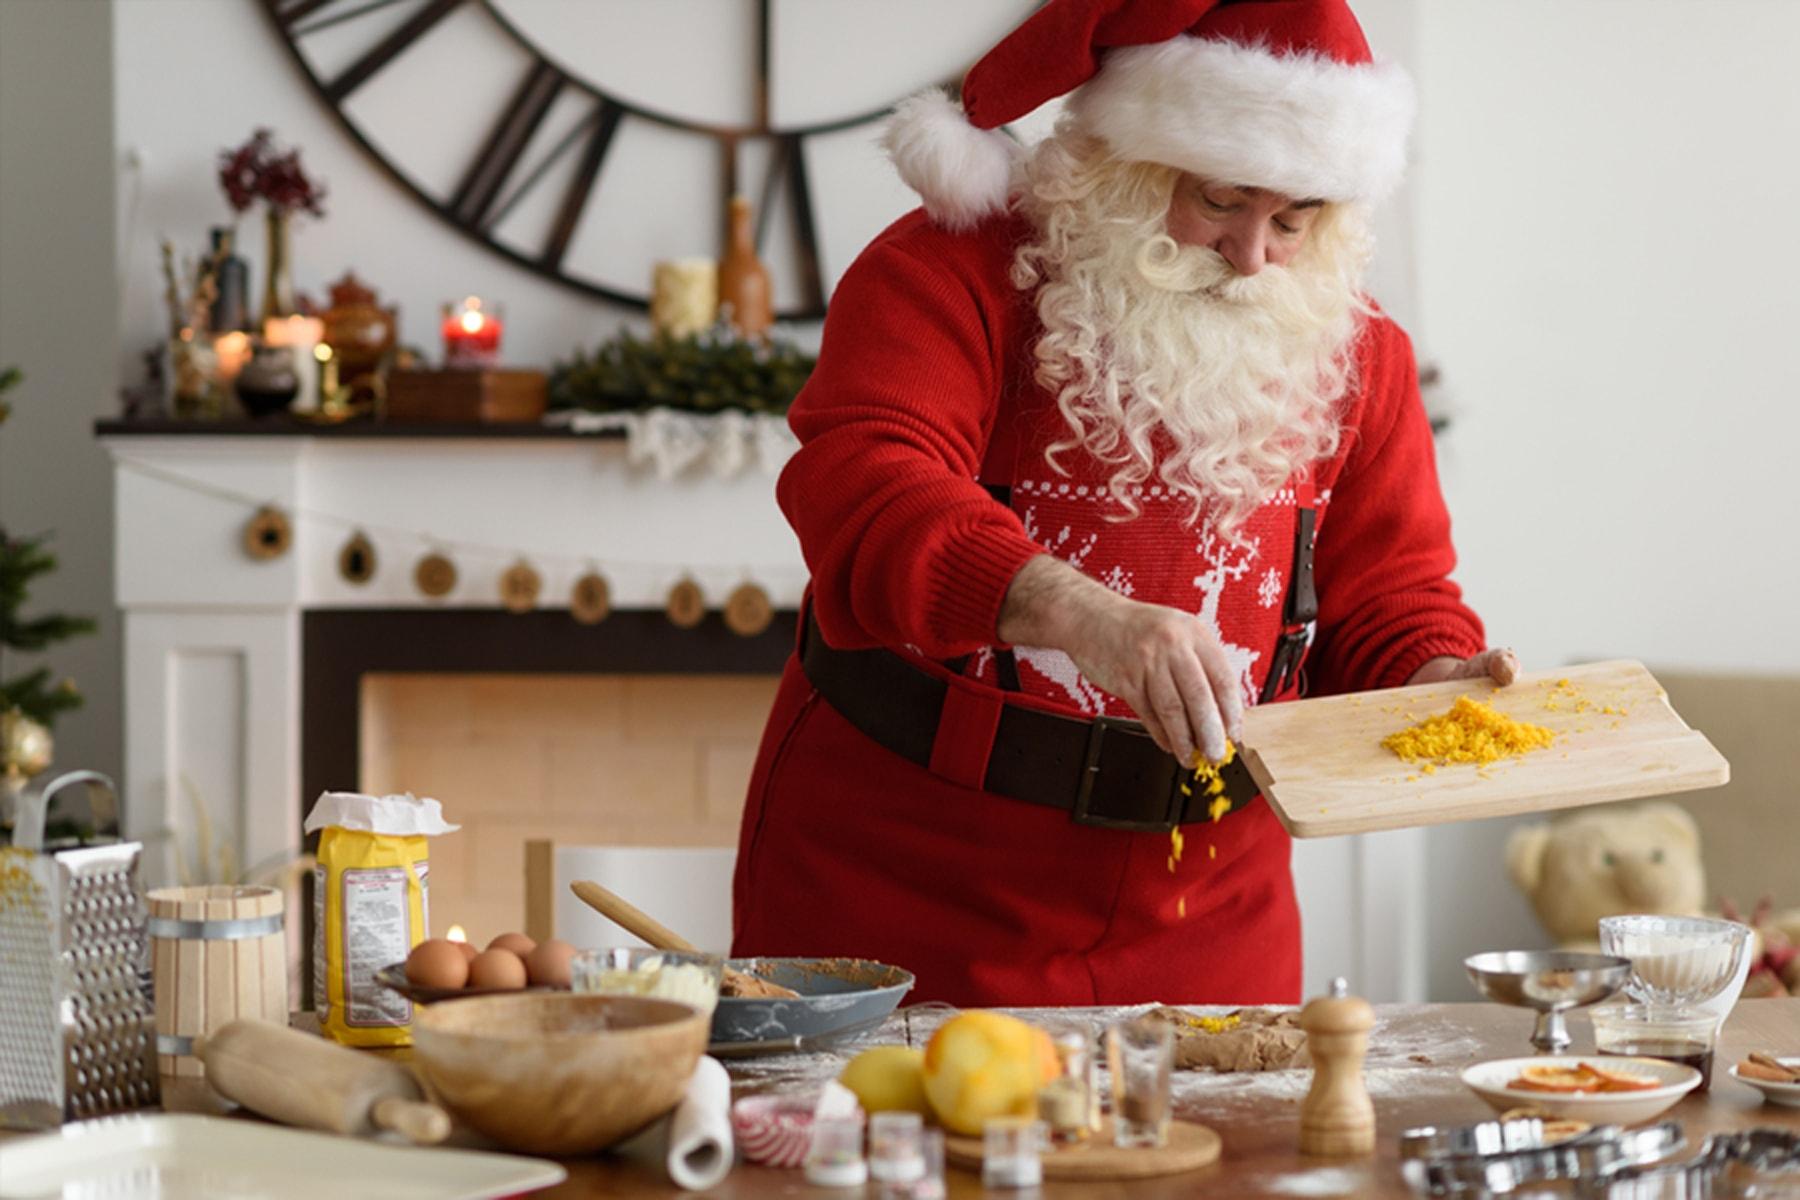 Όλα τα μυστικά για Χριστούγεννα στην κουζίνα, χωρίς άγχος